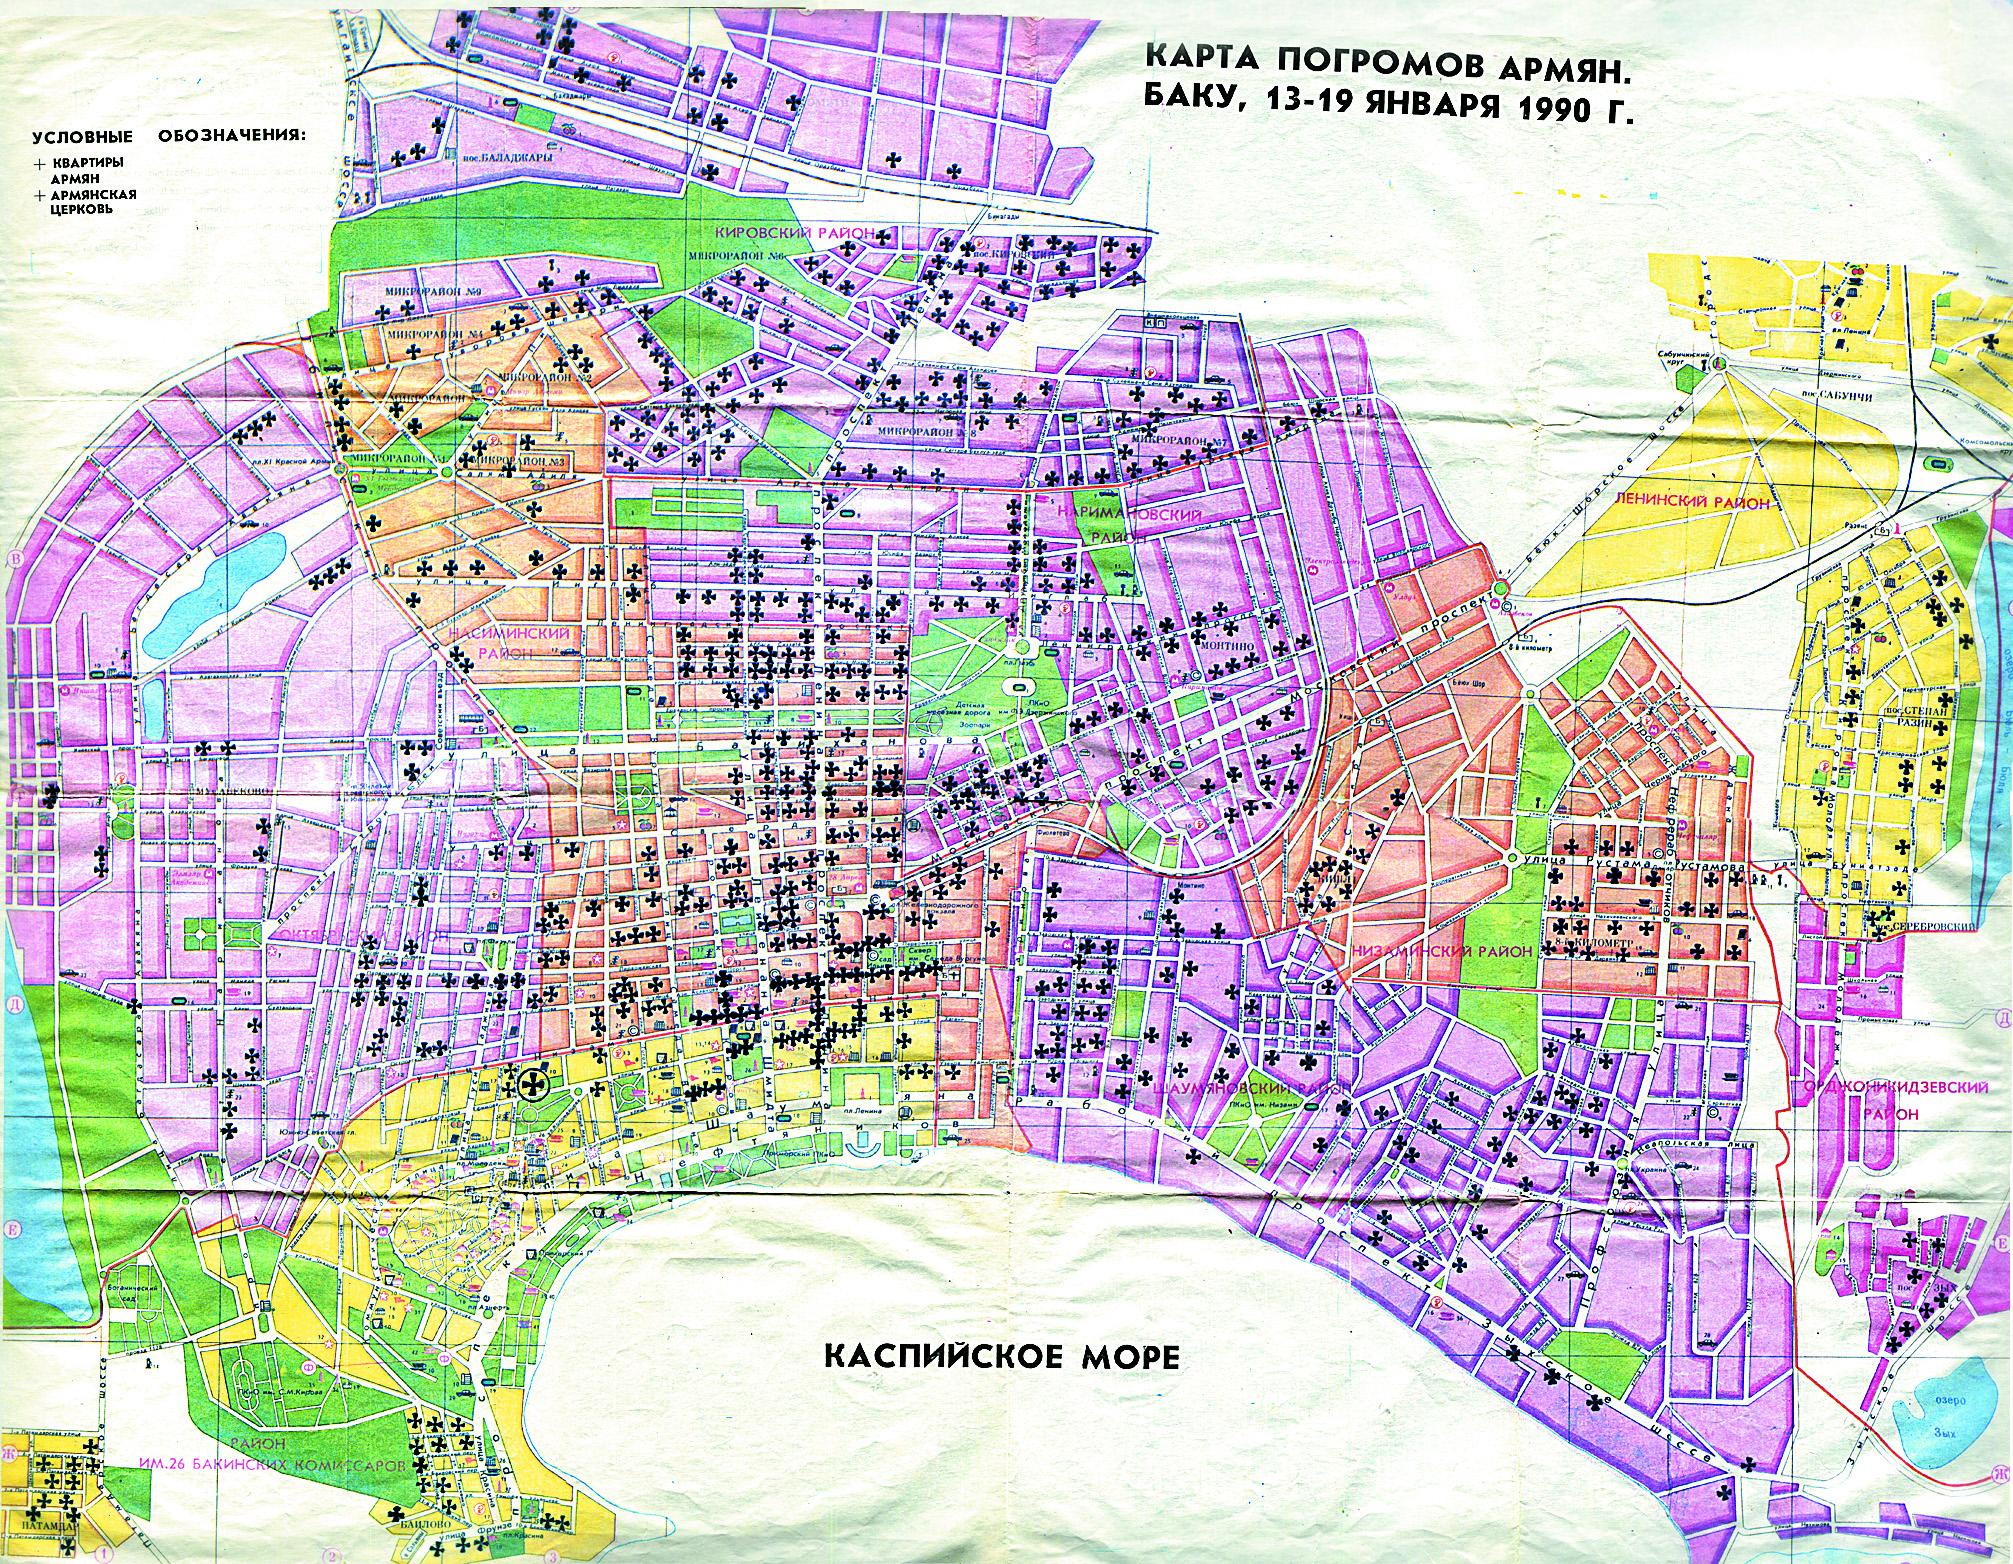 Карта погромов армян. Баку, 13-19 января, 1990г.